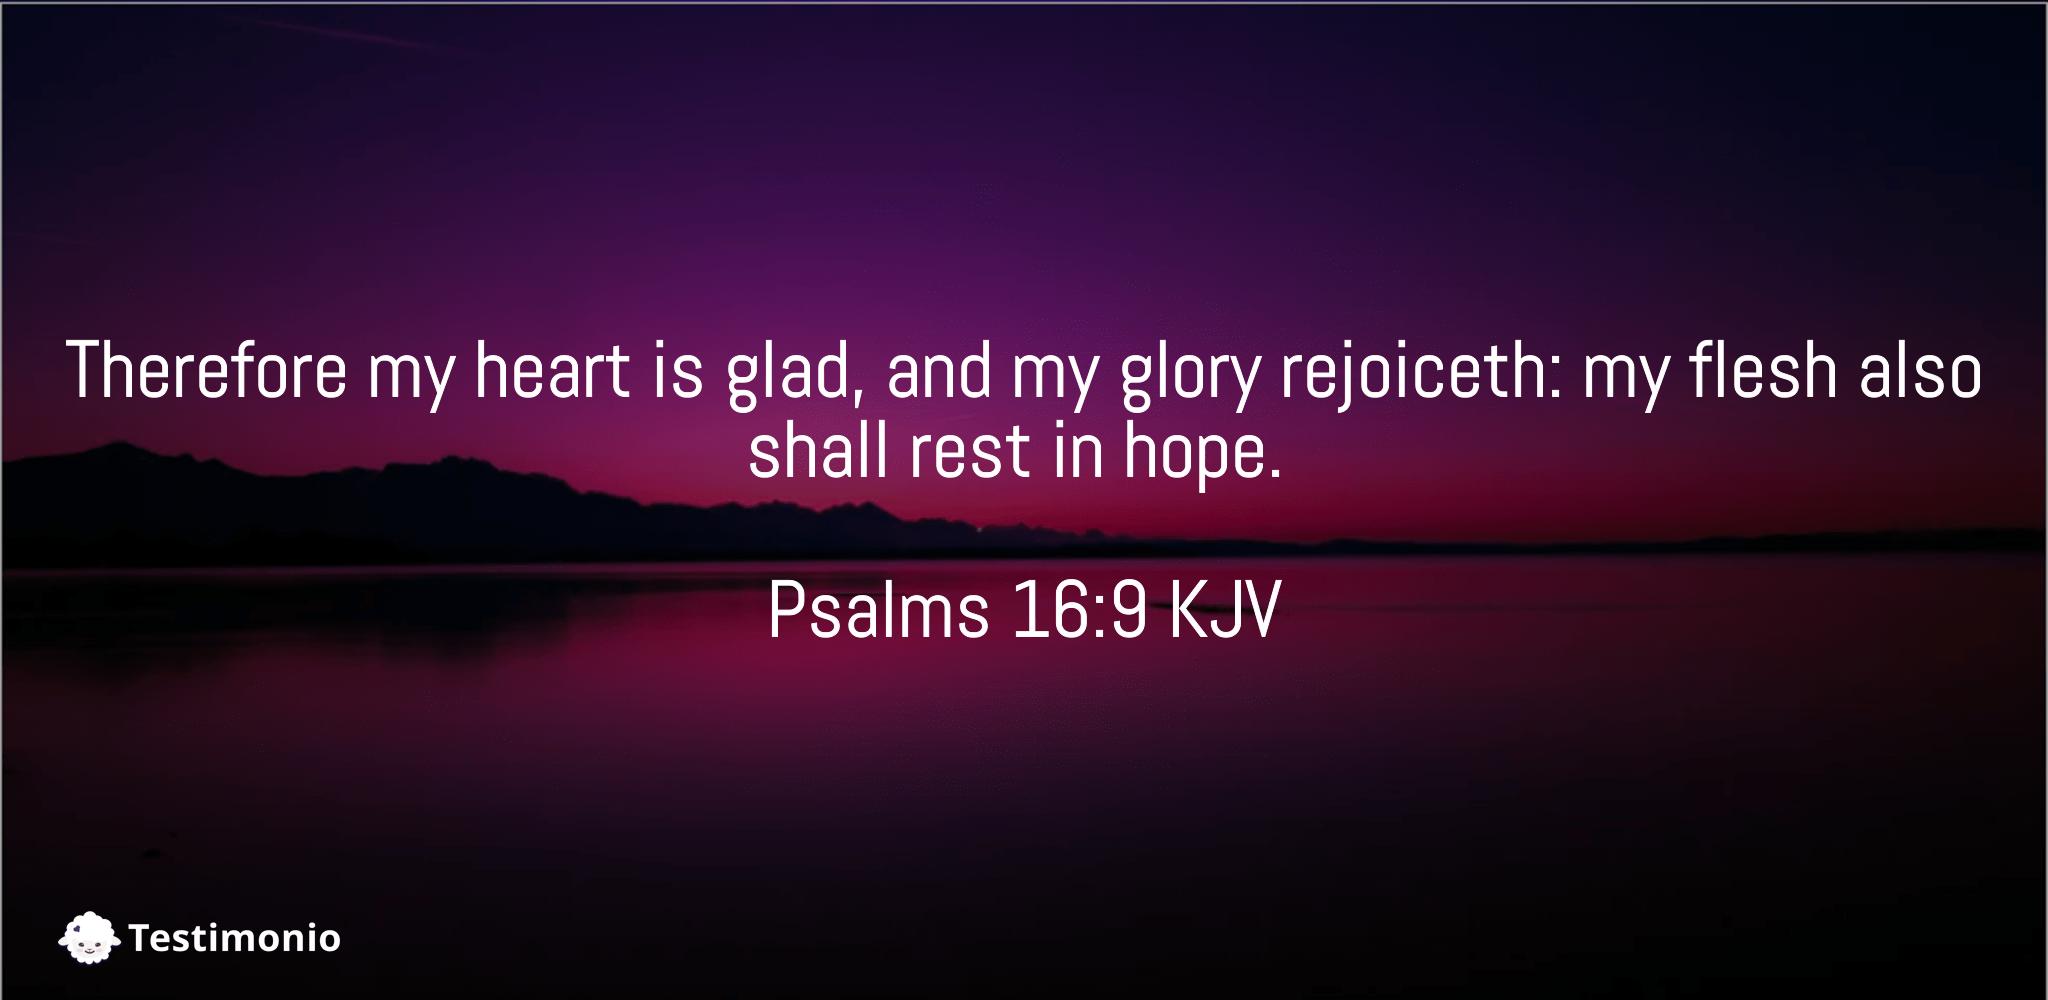 Psalms 16:9